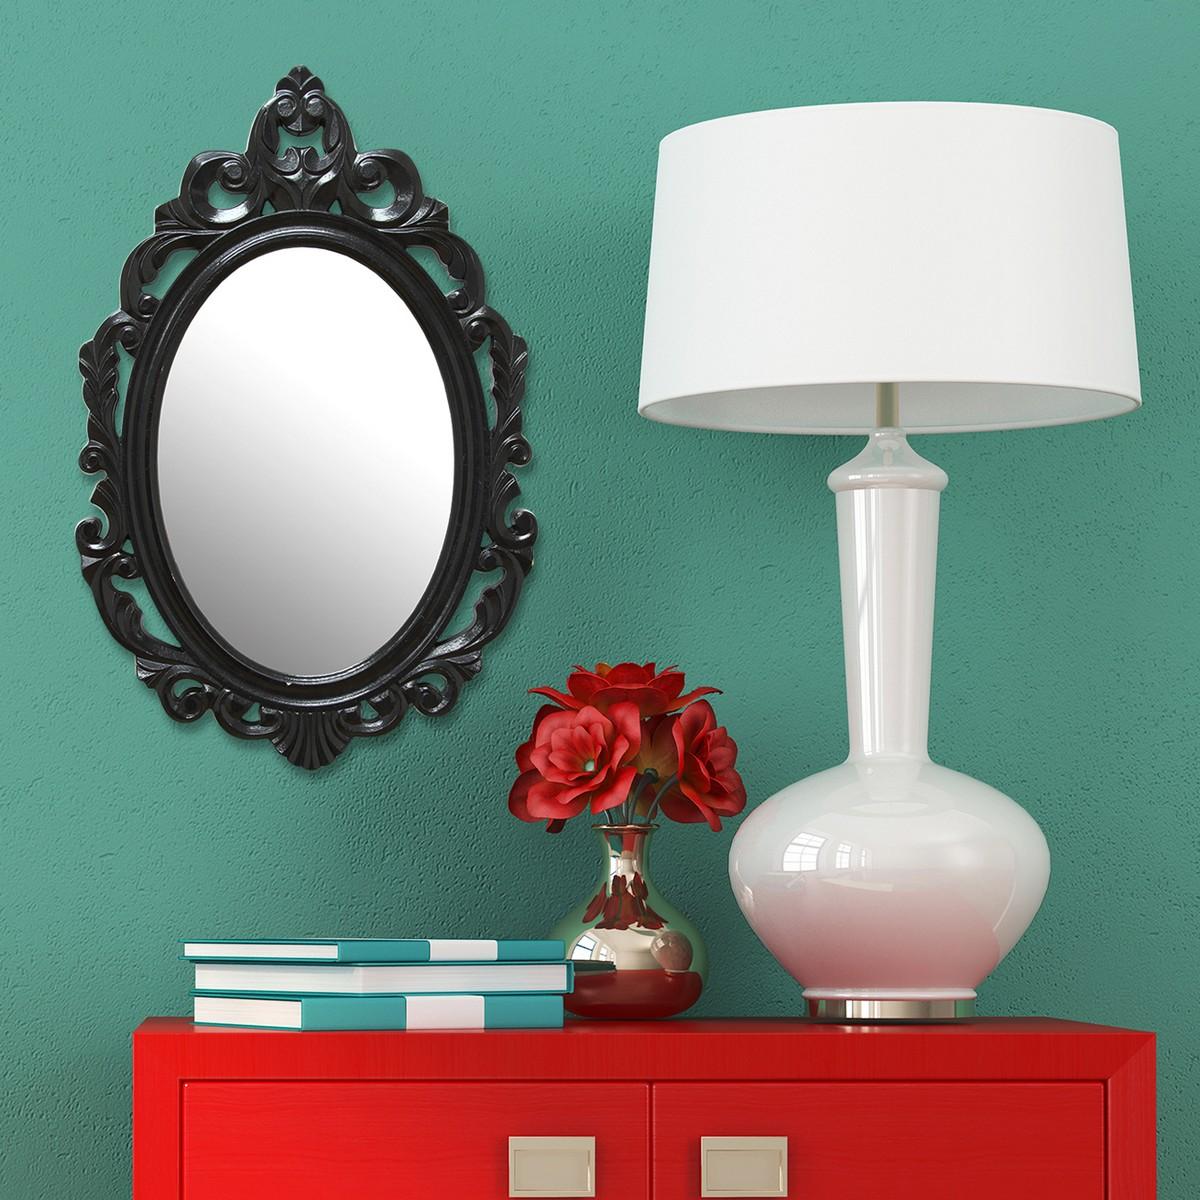 Stratton Home Decor Black Baroque Mirror - Black